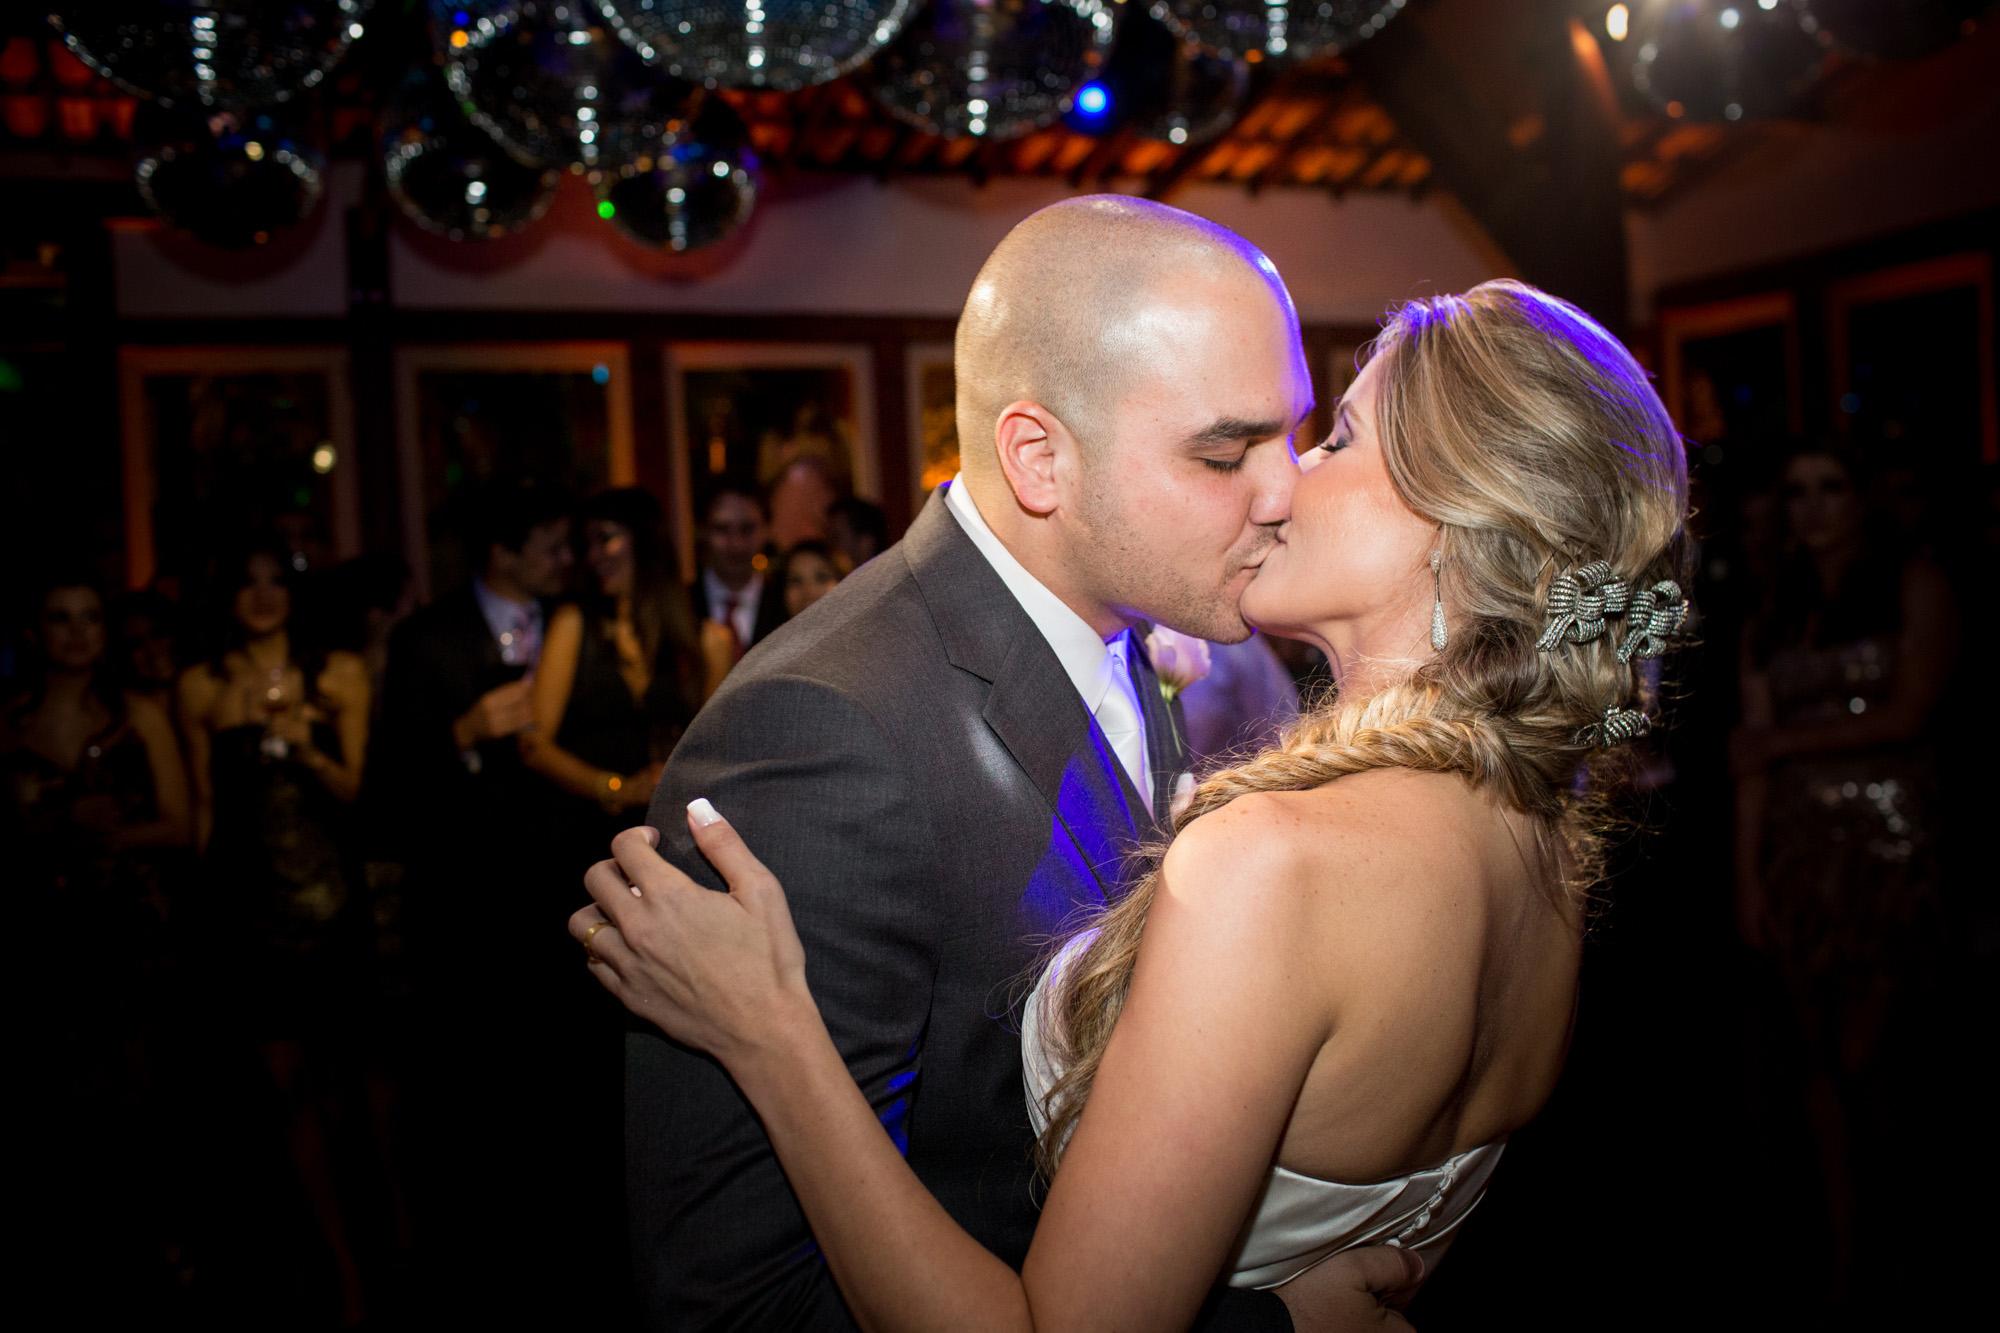 10_Fotograma_Fotografia de casamento